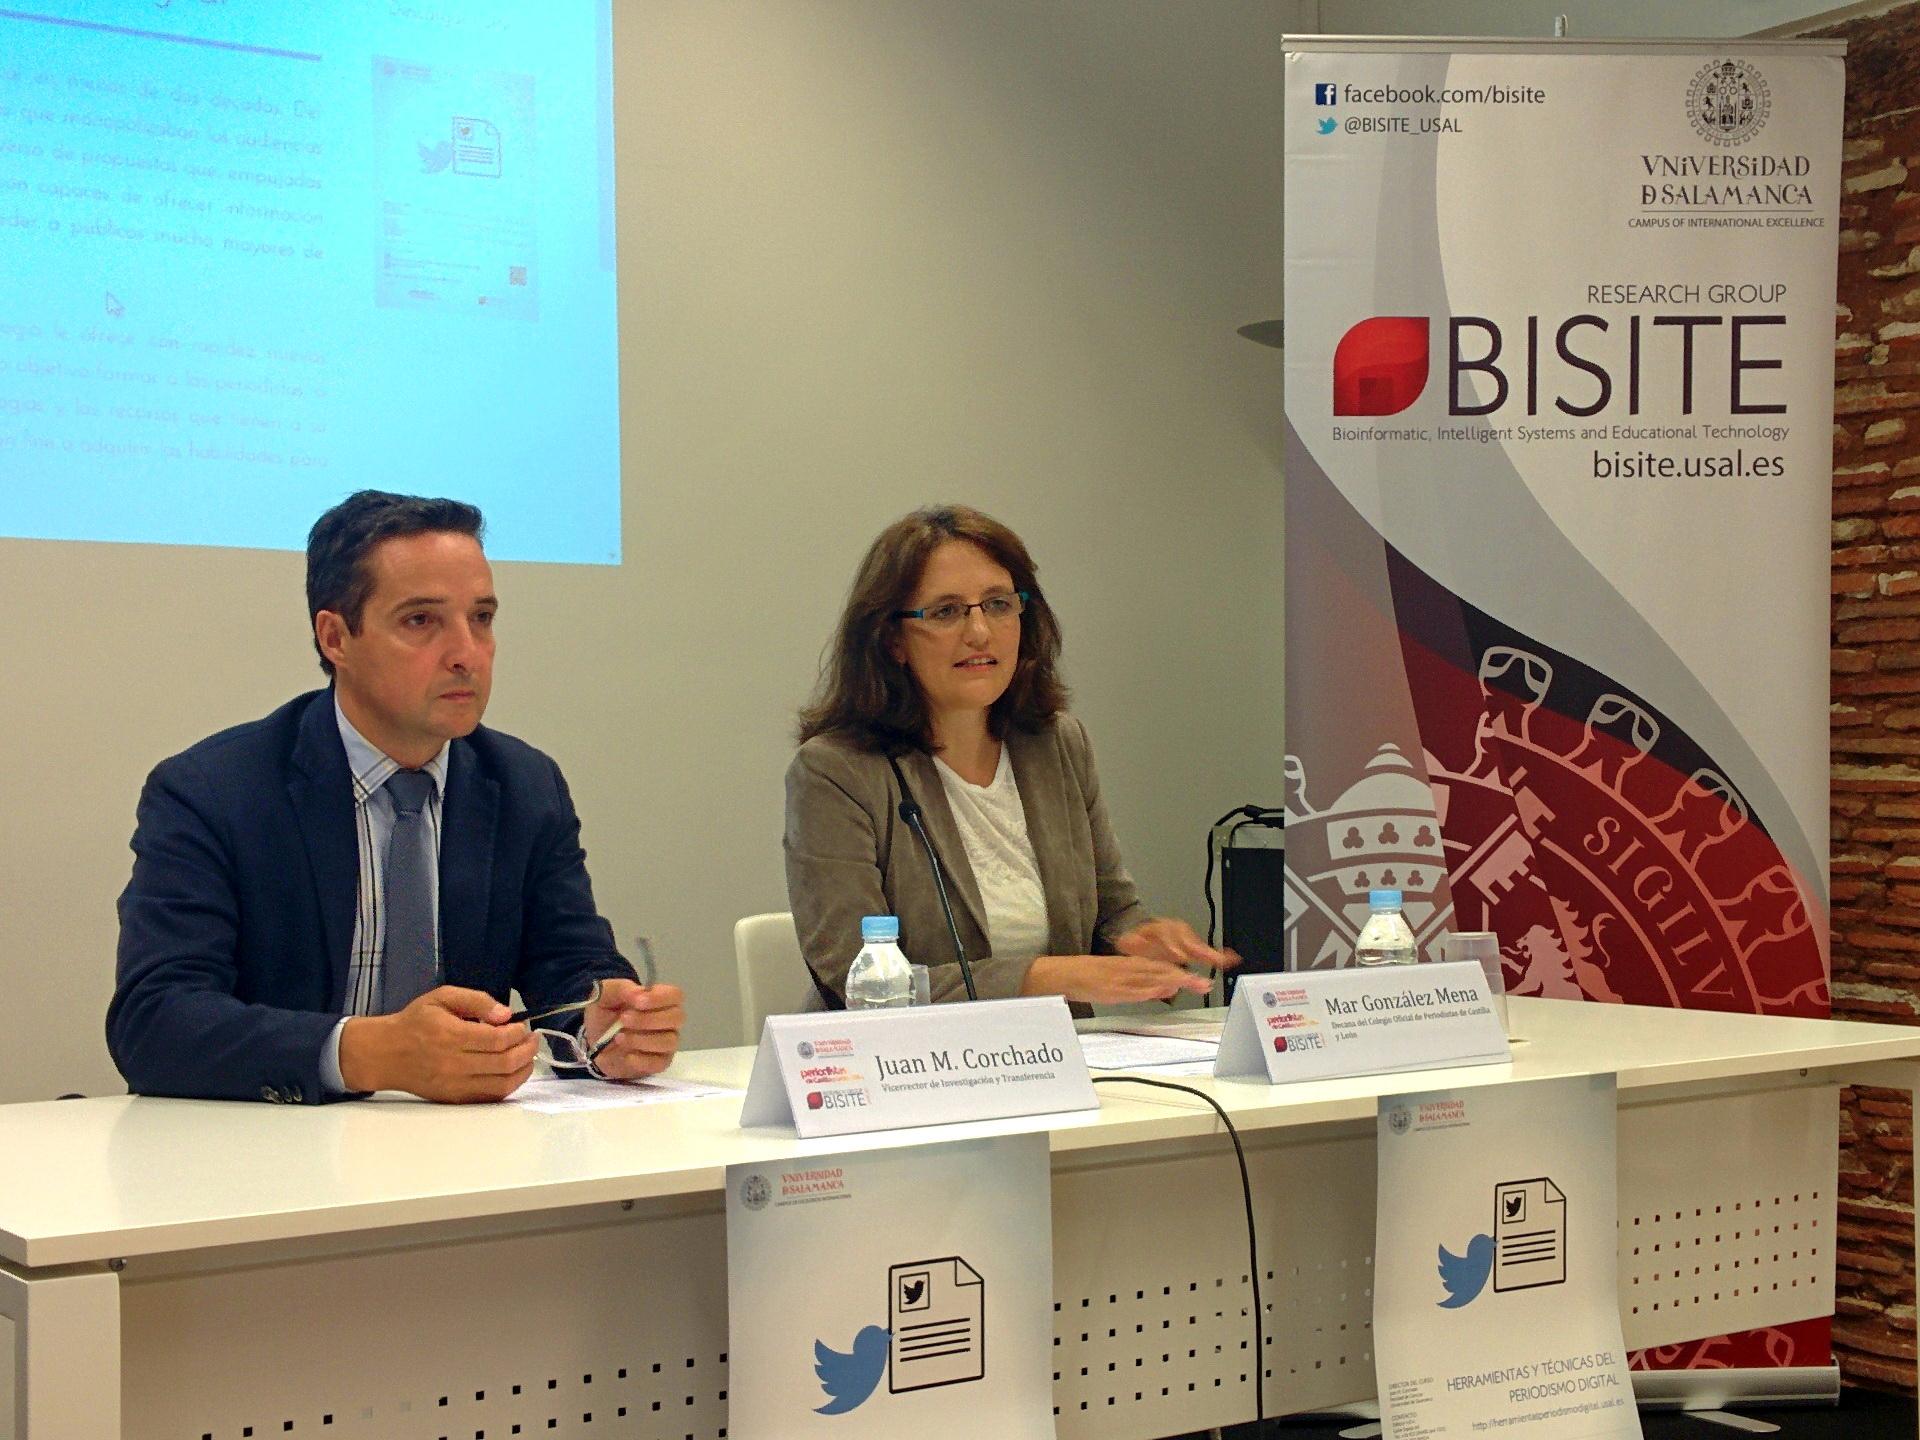 La Universidad de Salamanca y el Colegio de Periodistas de Castilla y León lanzan un curso online sobre periodismo digital